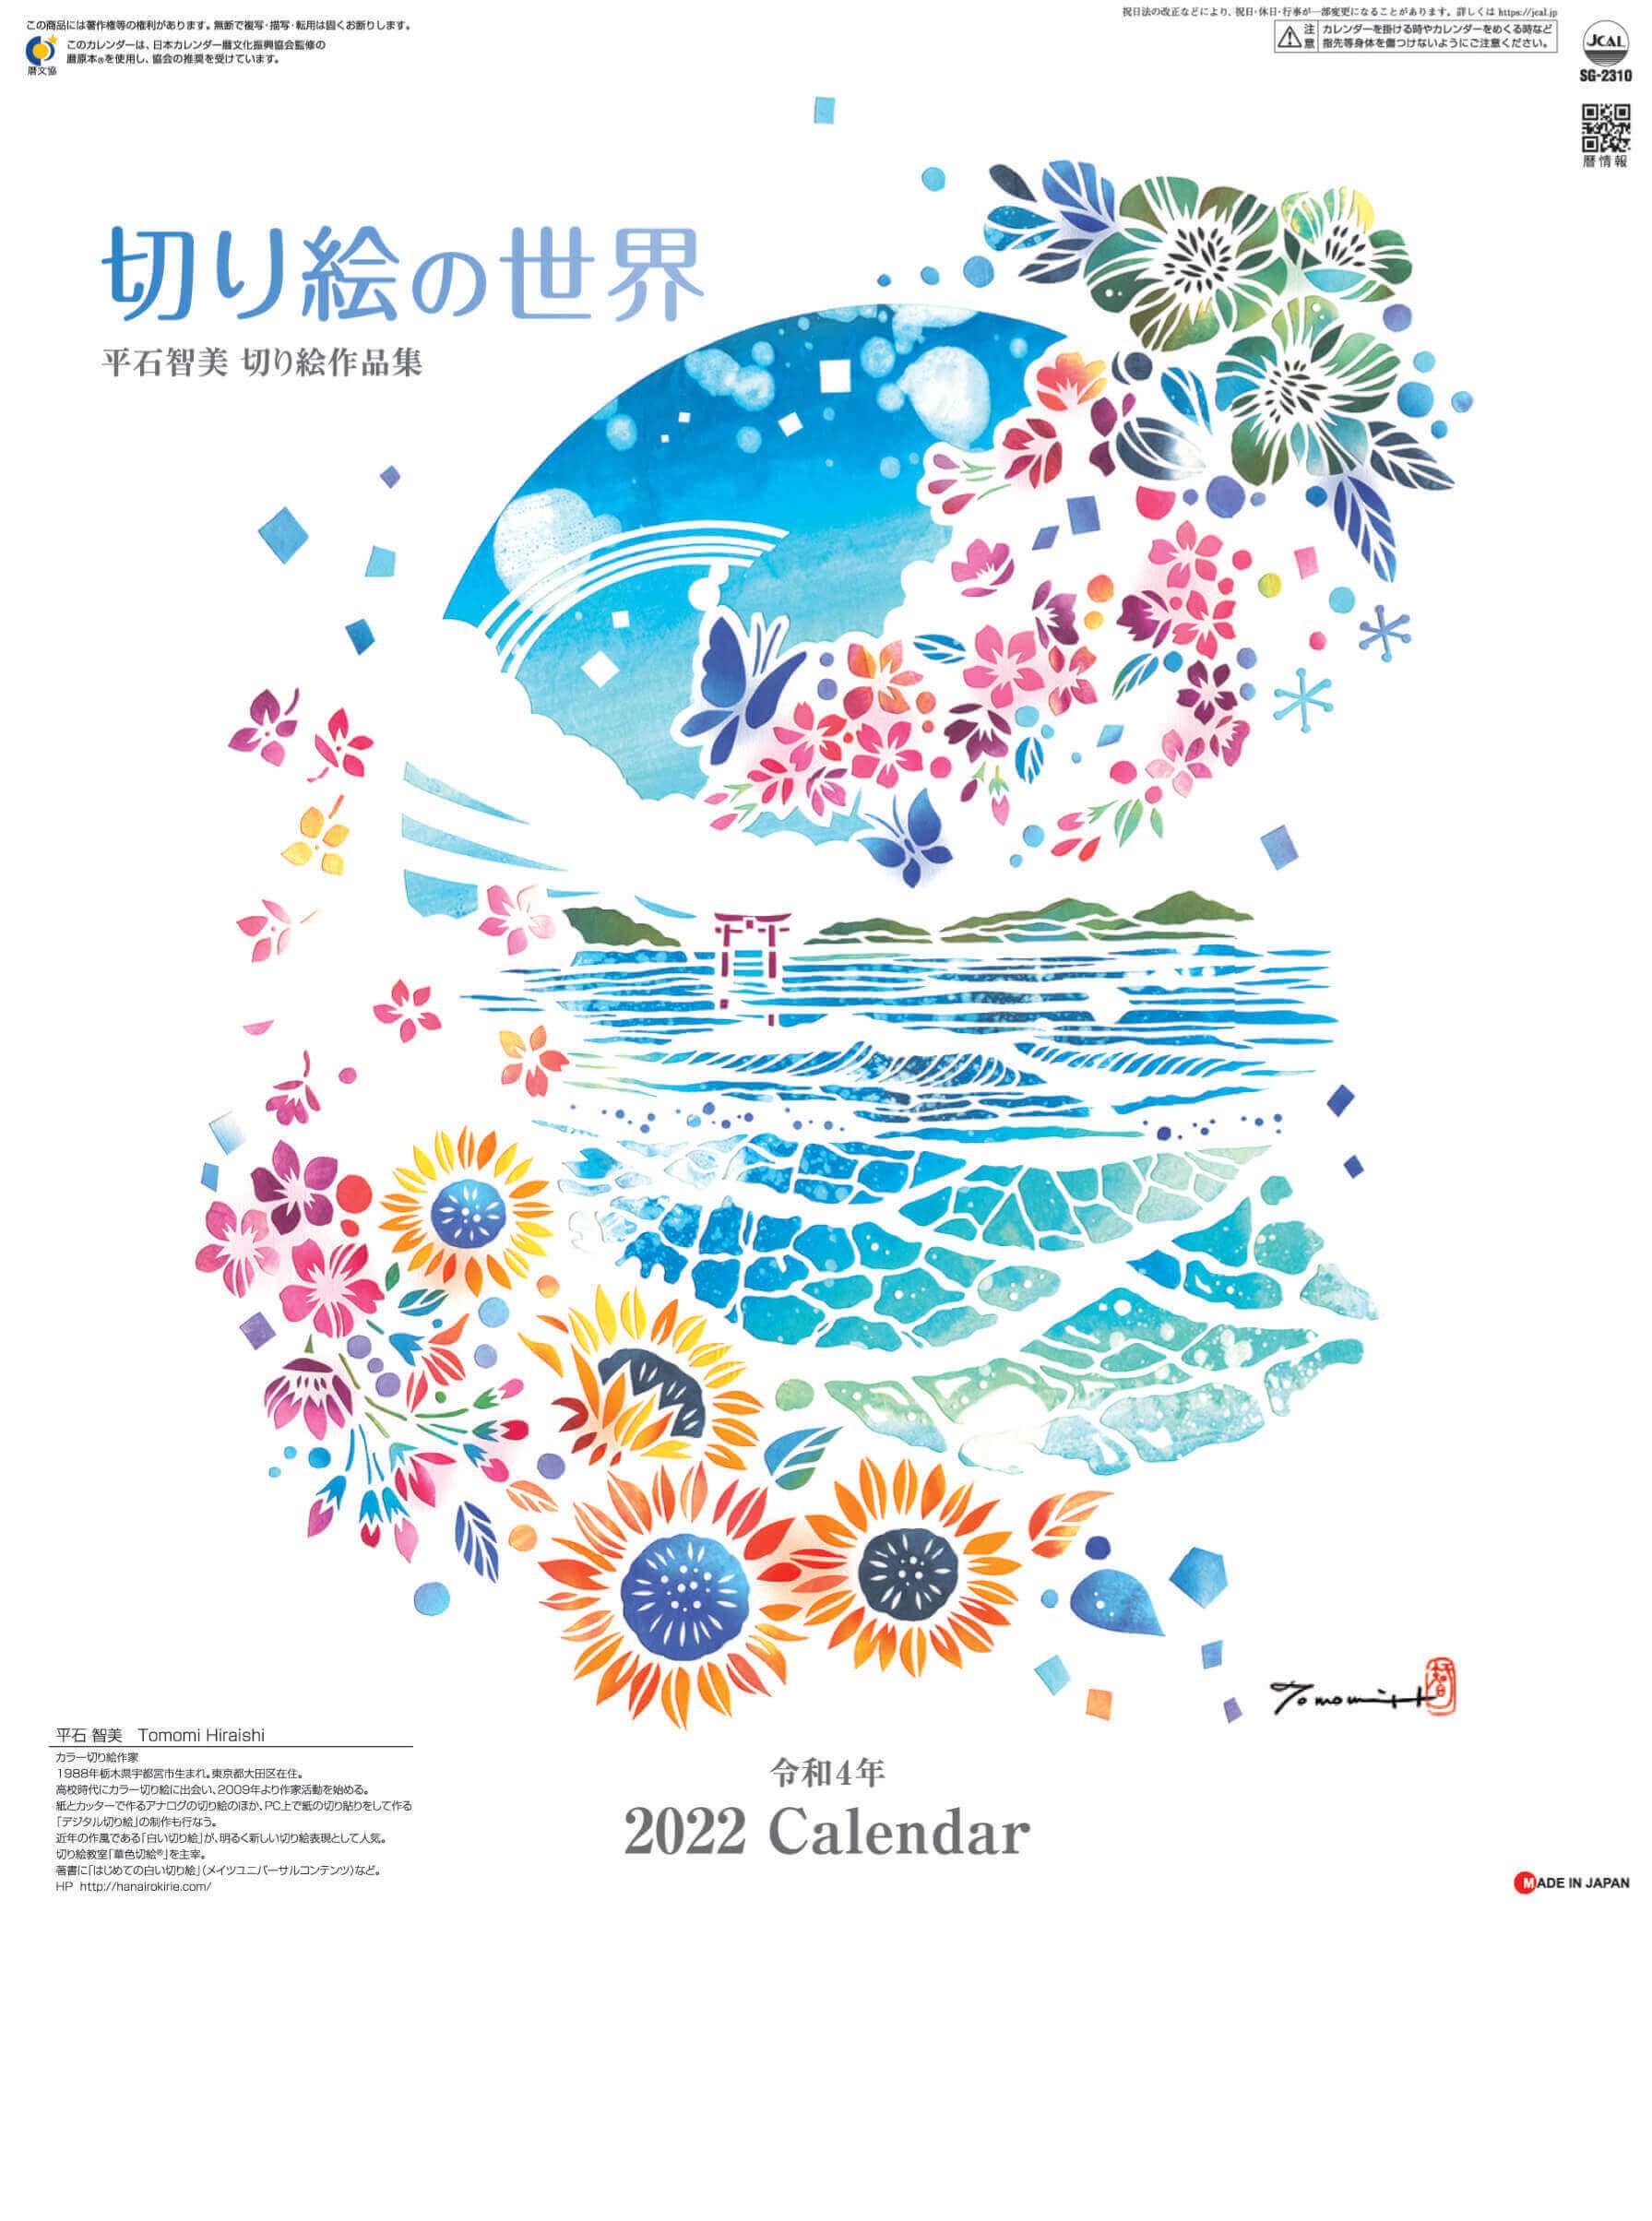 切り絵の世界・平石智美作品集 2022年カレンダーの画像